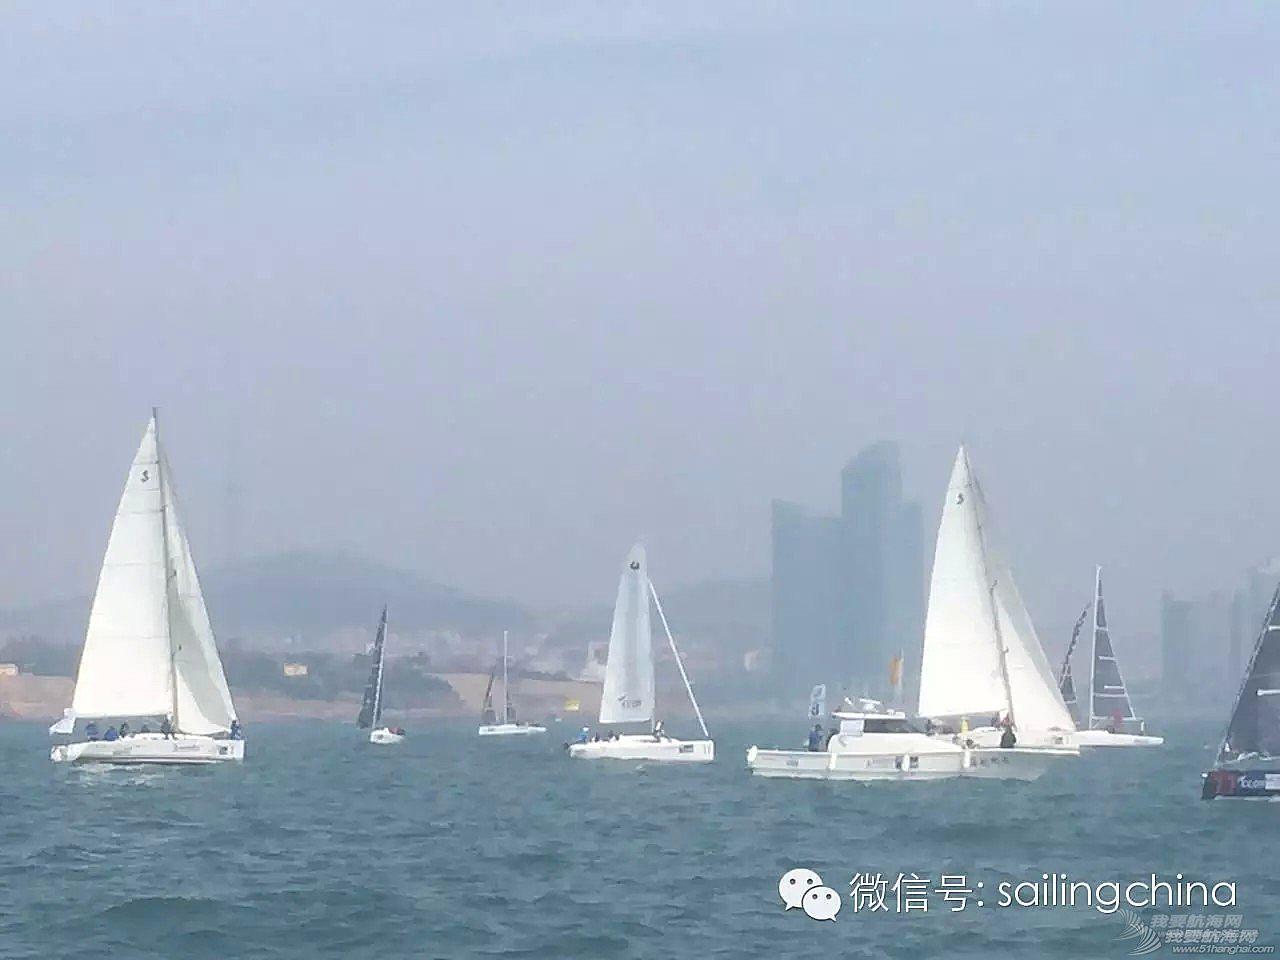 2015CCOR 城市俱乐部杯帆船赛昨日开赛,汉斯帆船H415今日参赛